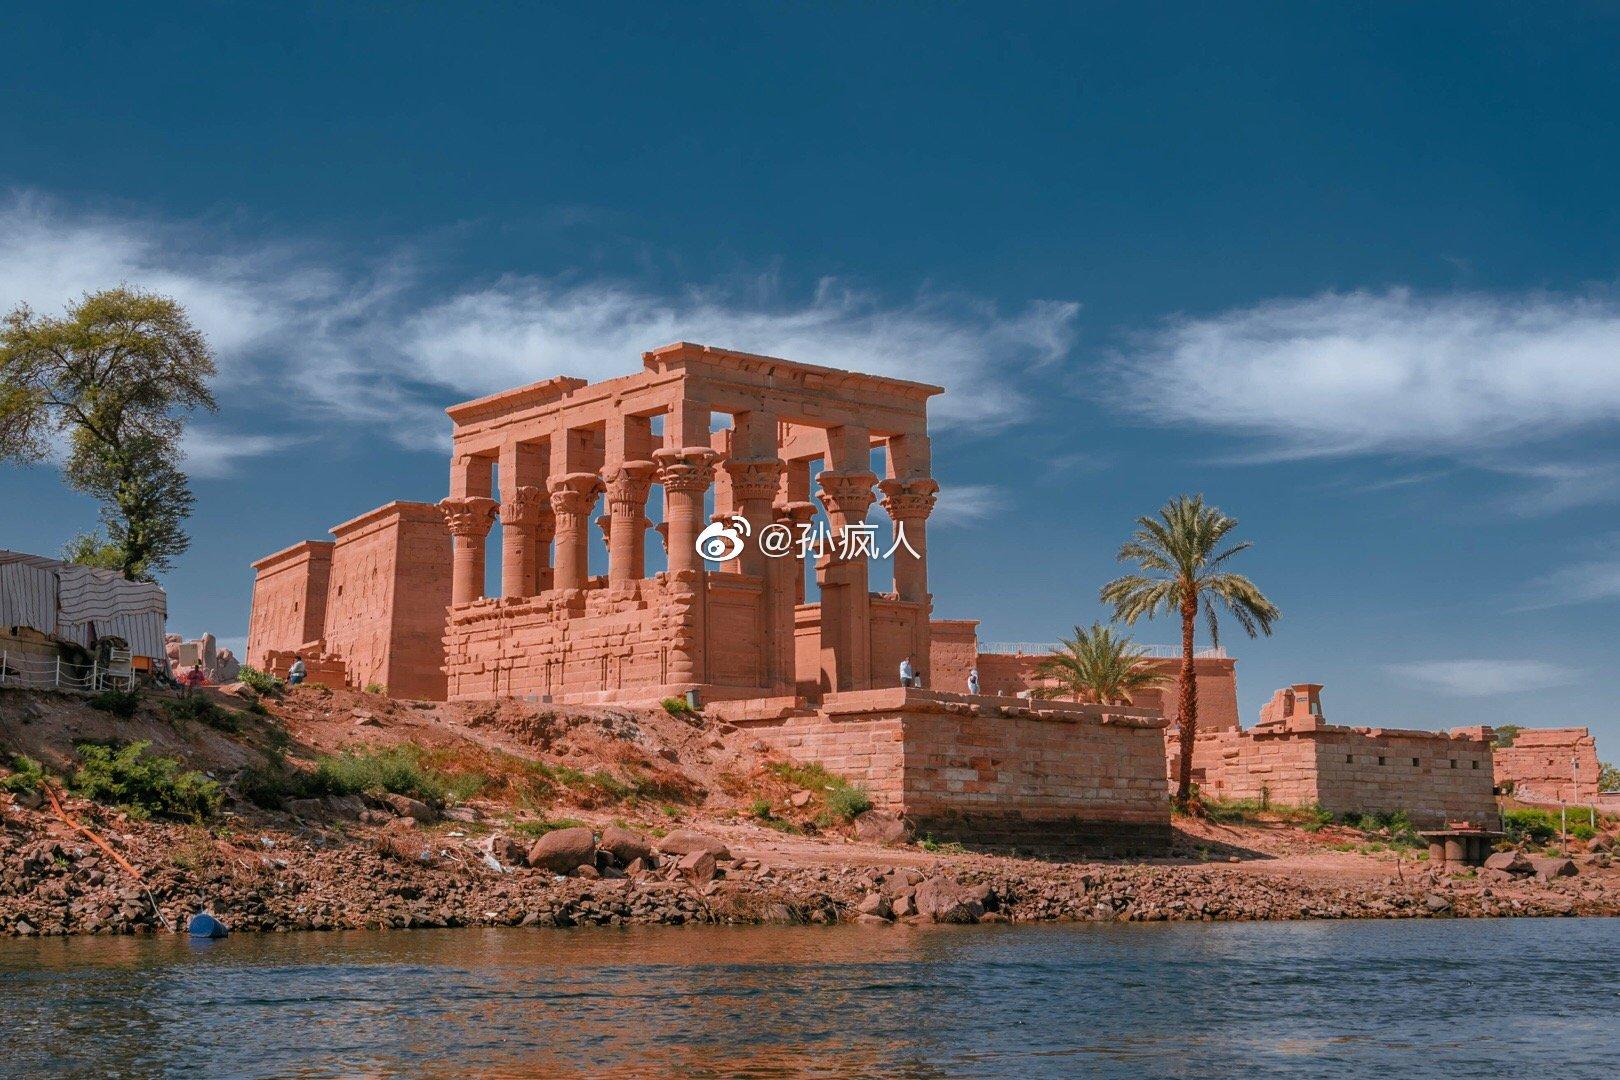 🌈关于埃及的两极印象阿斯旺这个城市可能是我对埃及两极印象的集